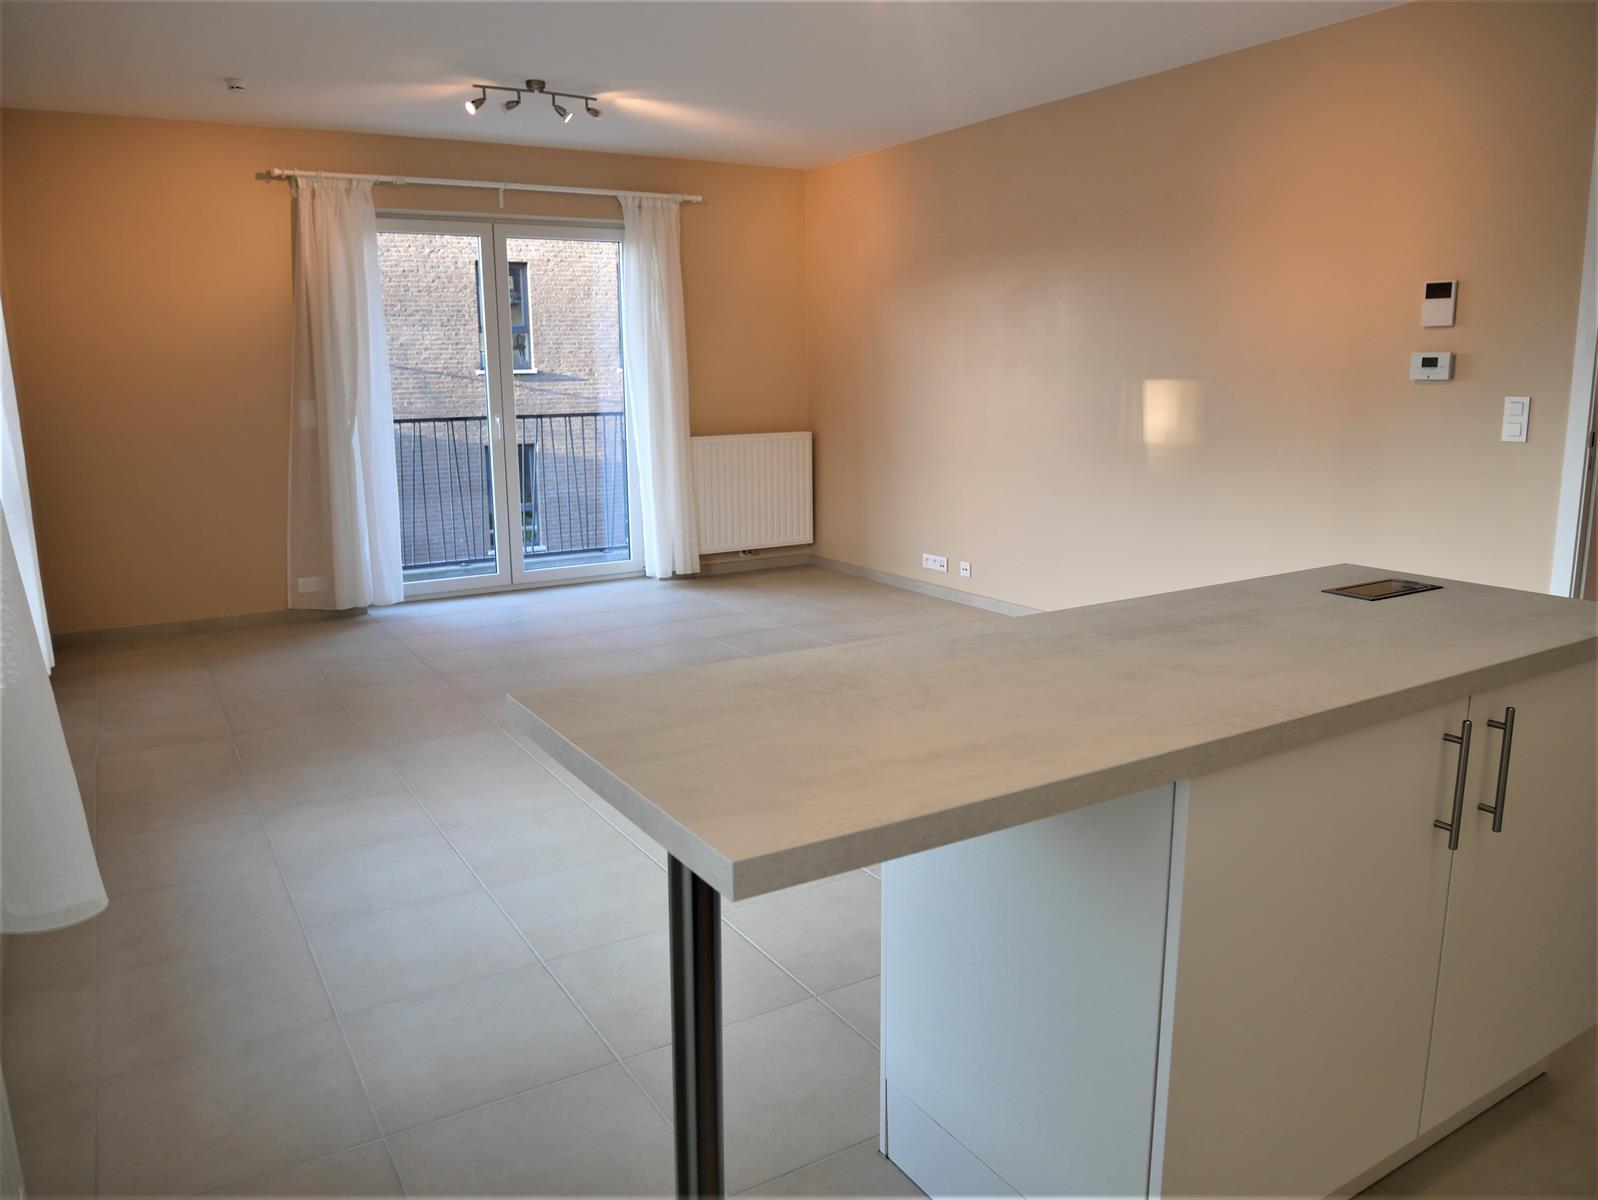 Appartement - Wavre - #4202911-2